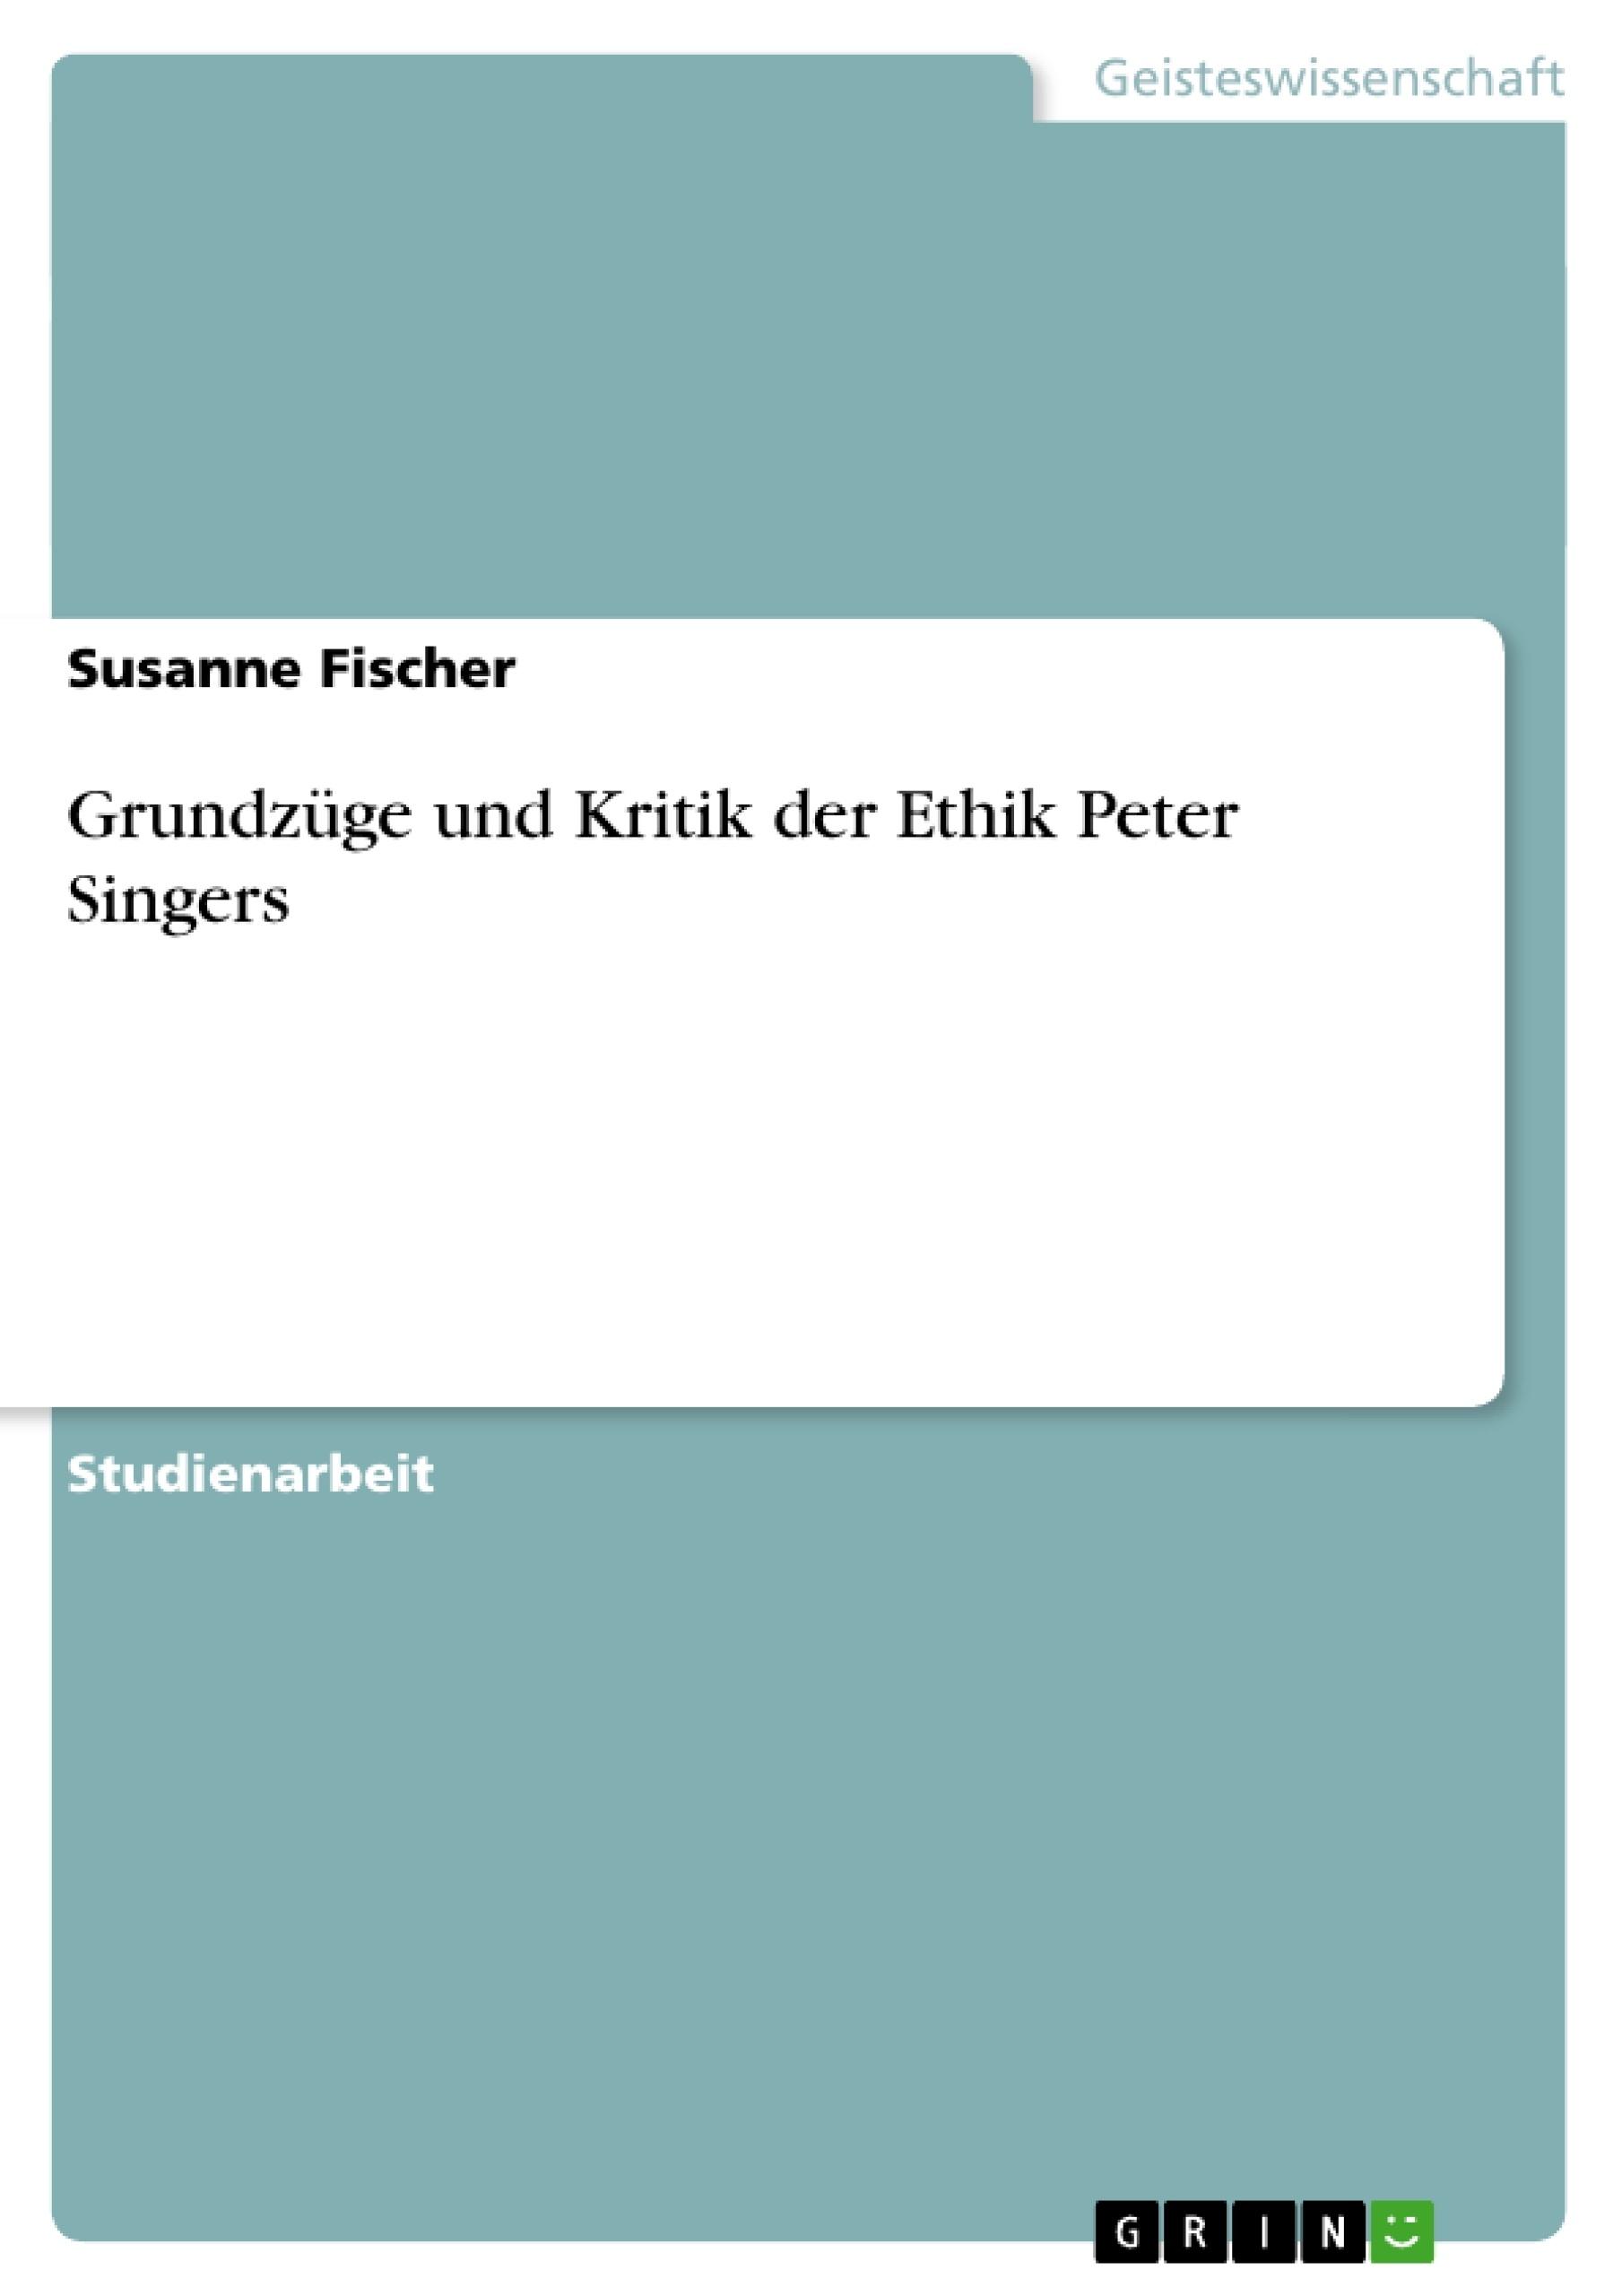 Titel: Grundzüge und Kritik der Ethik Peter Singers